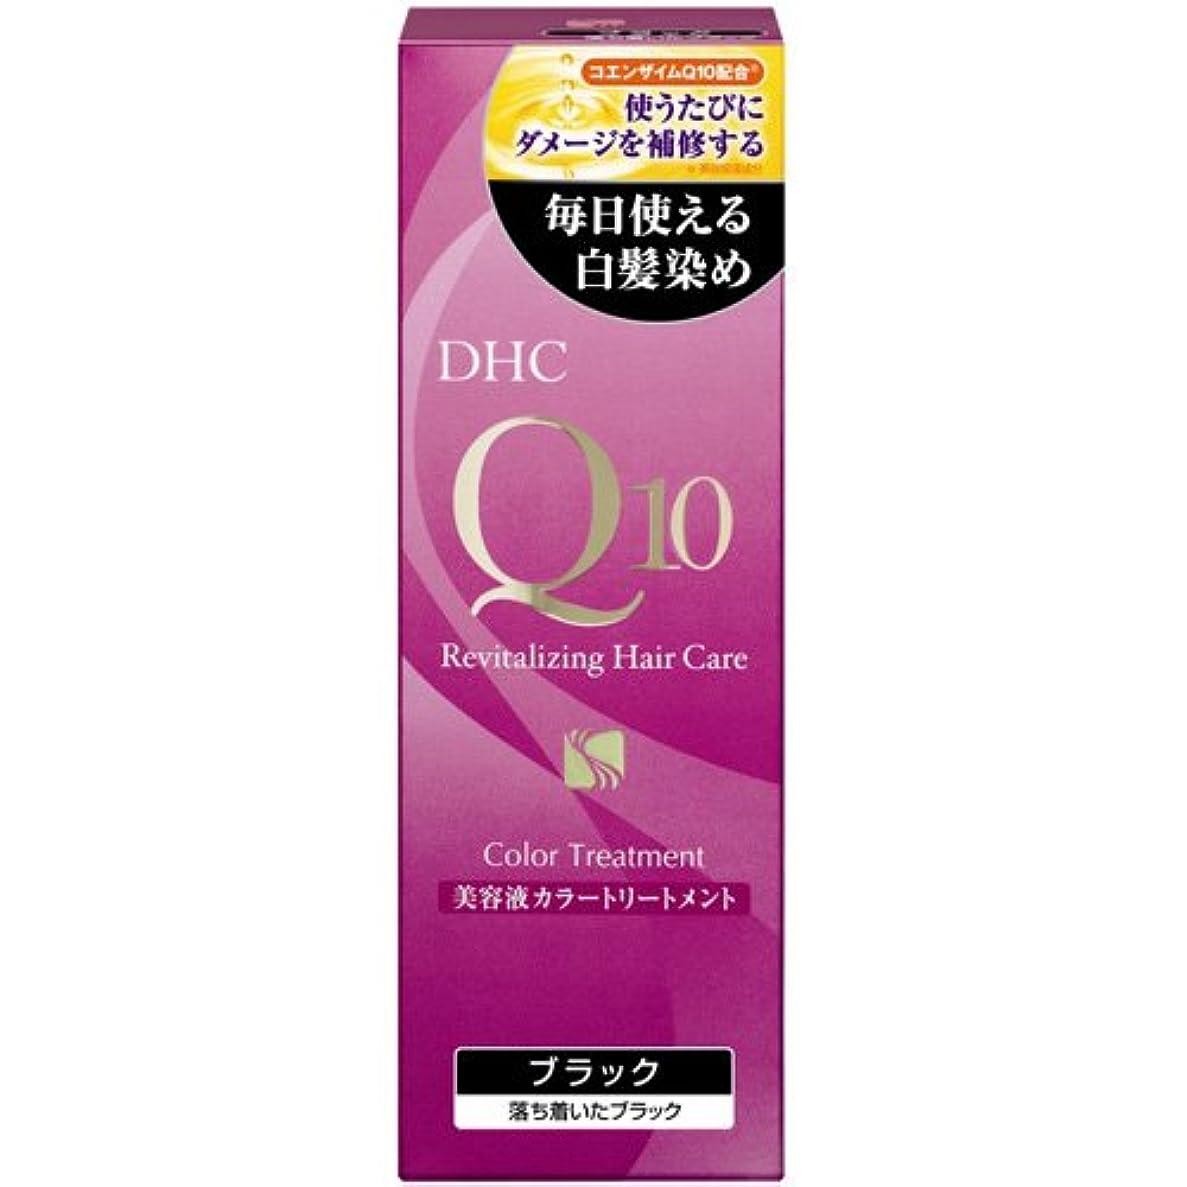 電話をかける血まみれクリスチャンDHC Q10美溶液カラートリートメントブラックSS170g